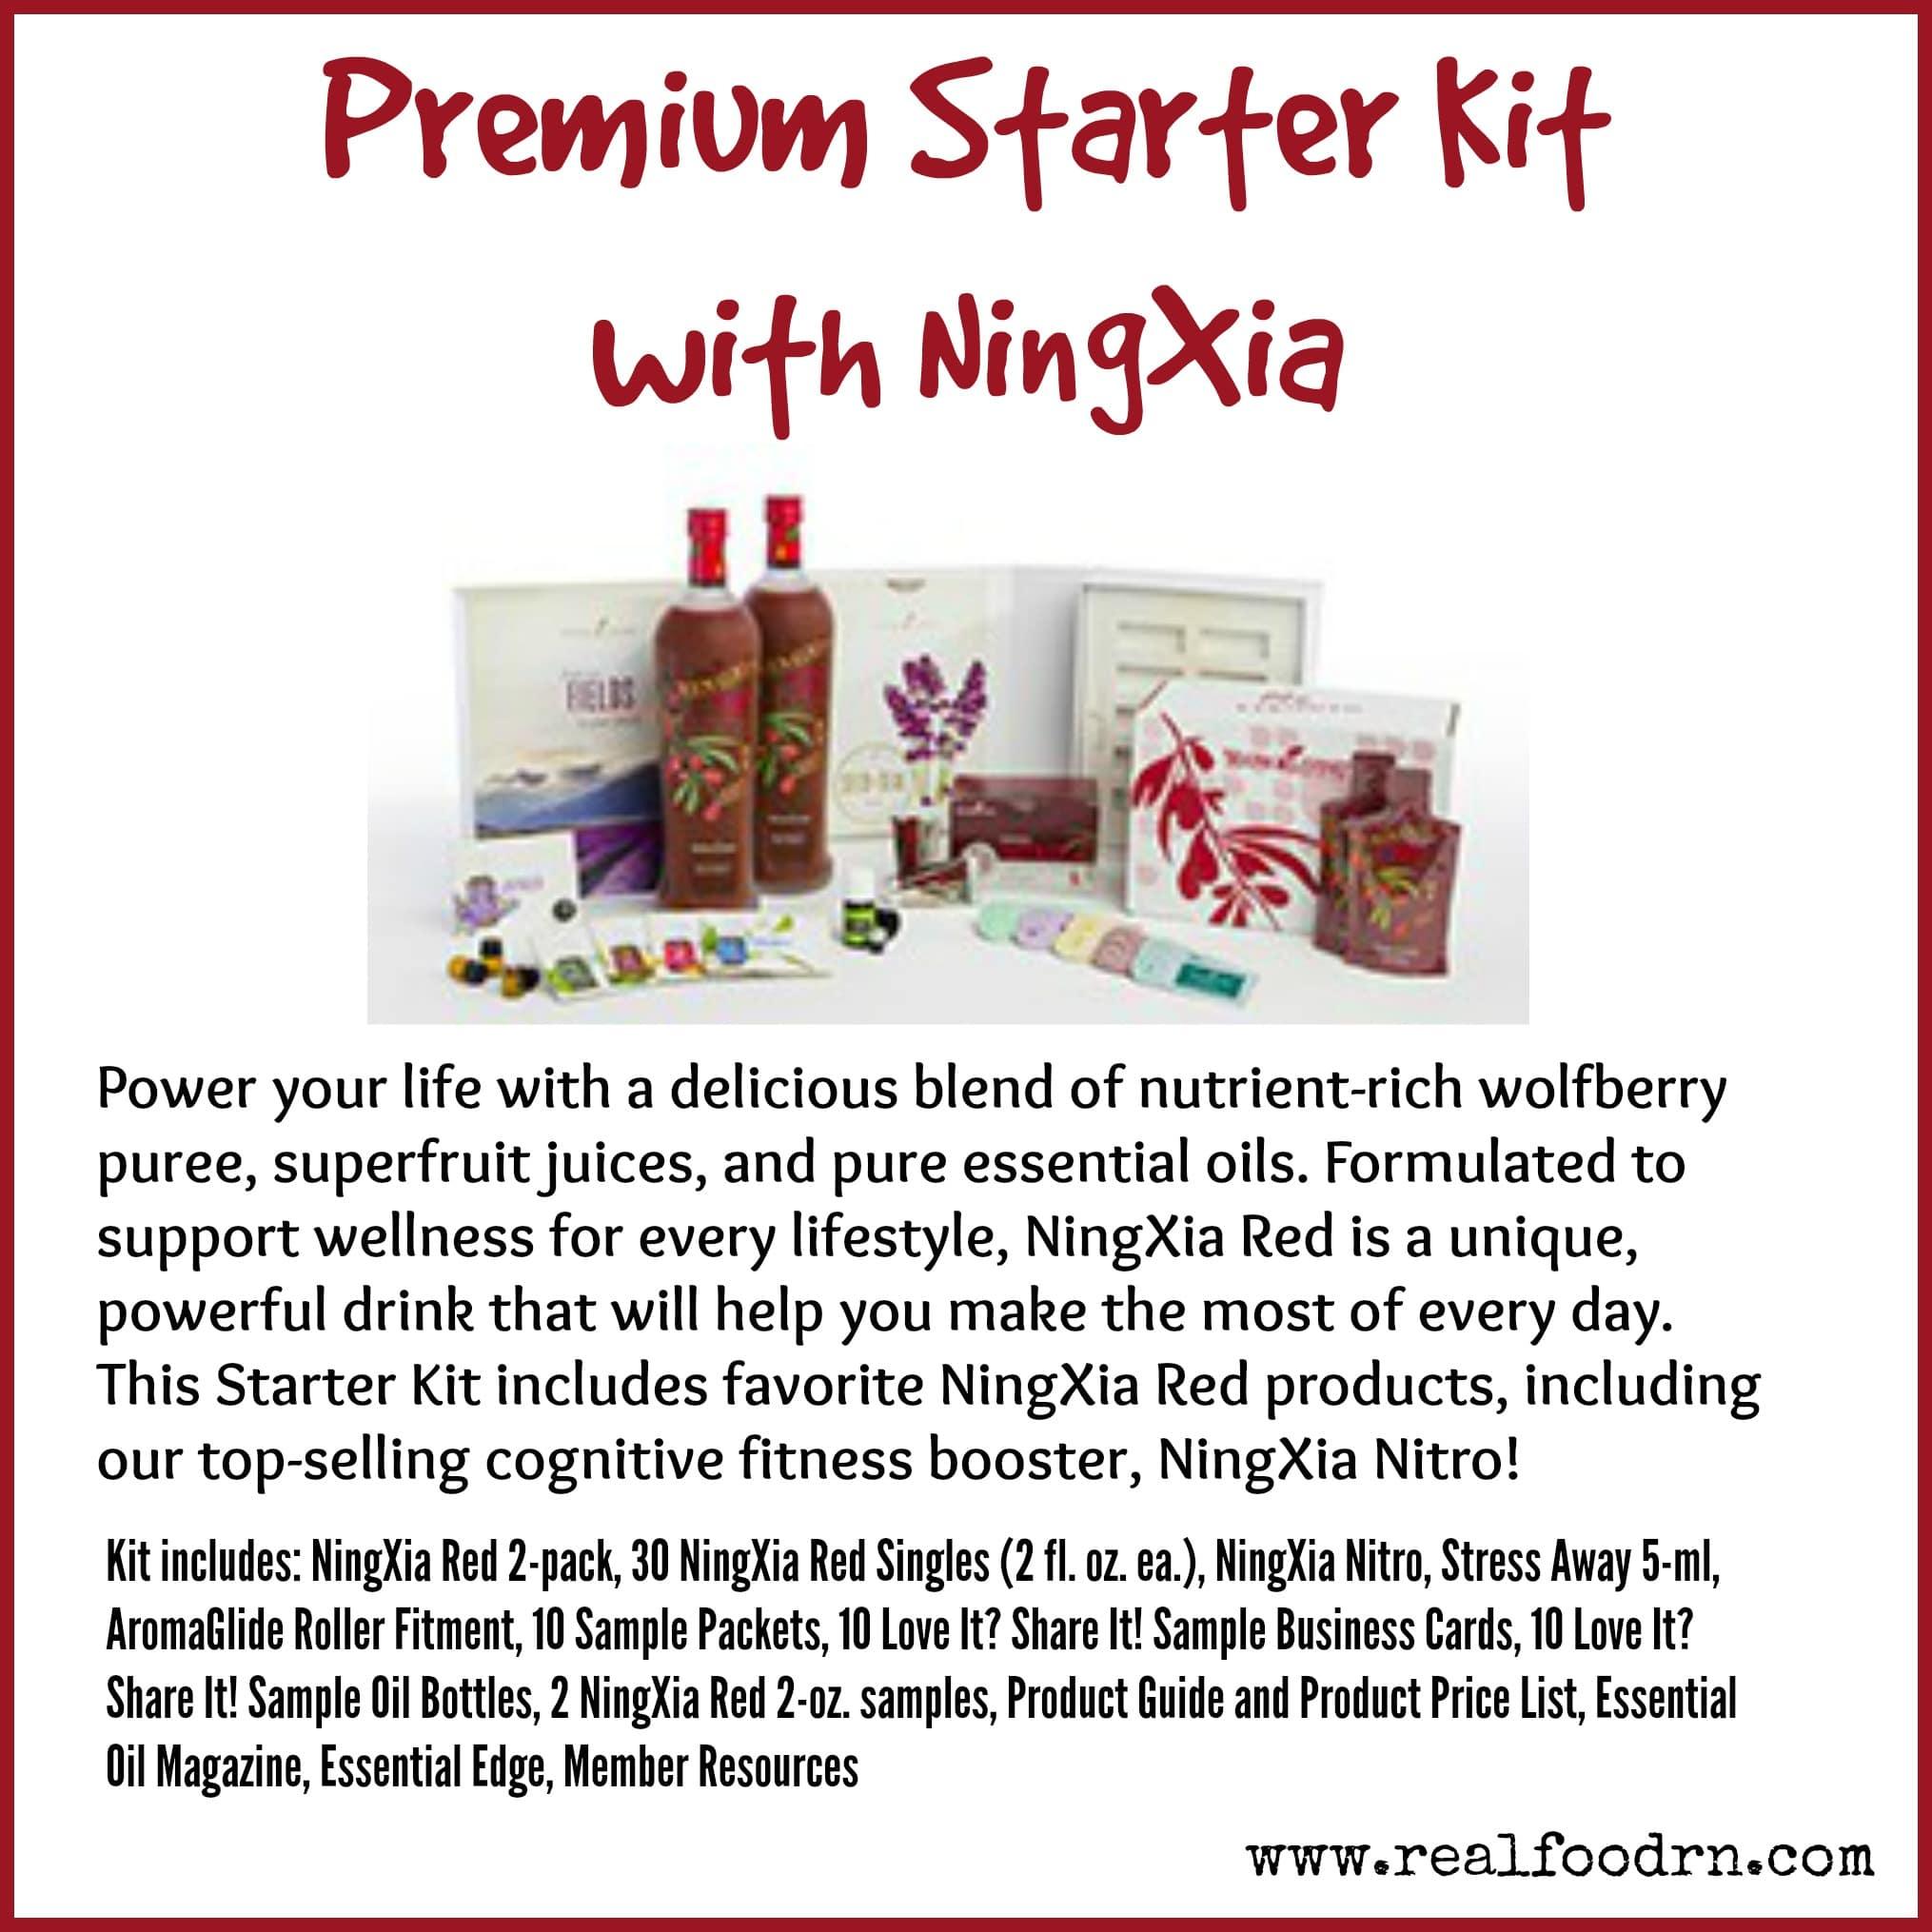 Premium Starter Kit with NingXia